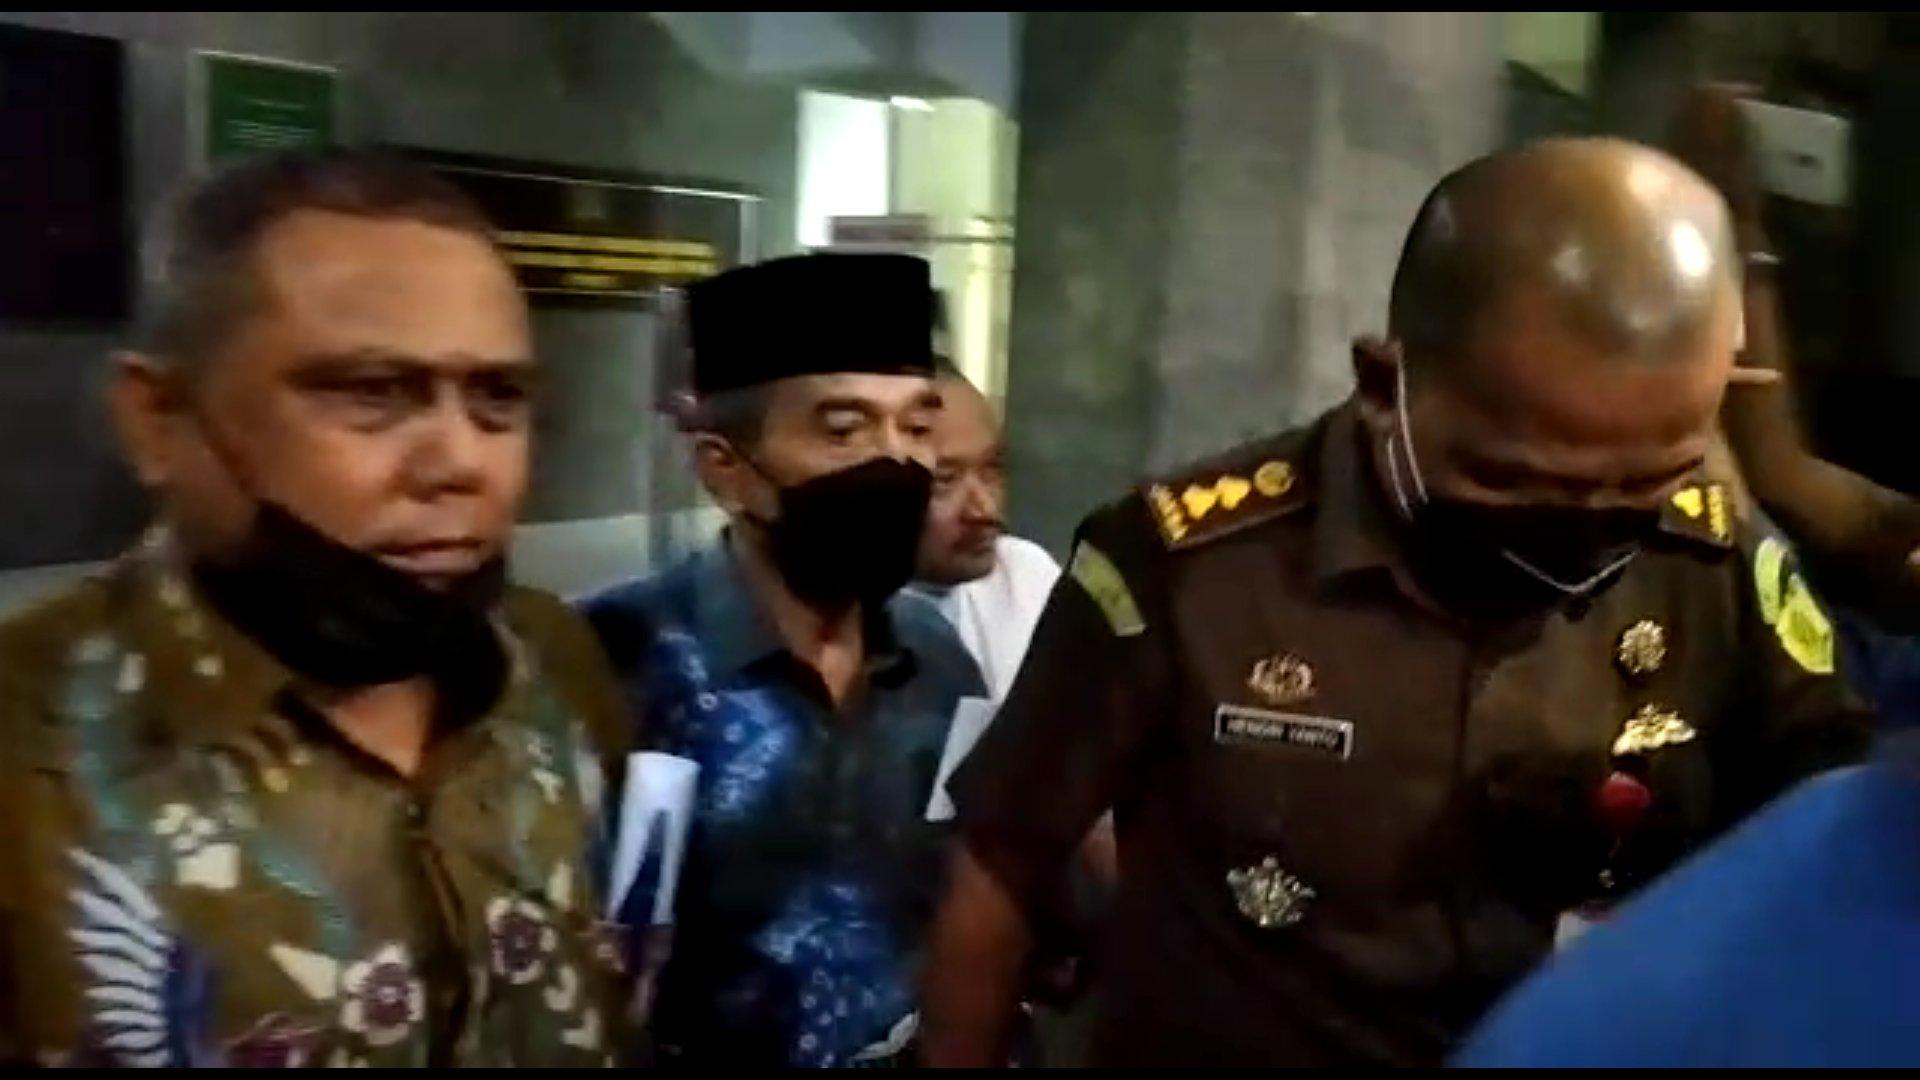 Penyidik Kejati Sumsel menetapkan mantan Pj Walikota Palembang yang juga mantan Asisten l Biro Kesra Setda Provinsi Sumsel, Ahmad Najib sebagai tersangka kasus dugaan korupsi pembangunan Masjid Sriwijaya